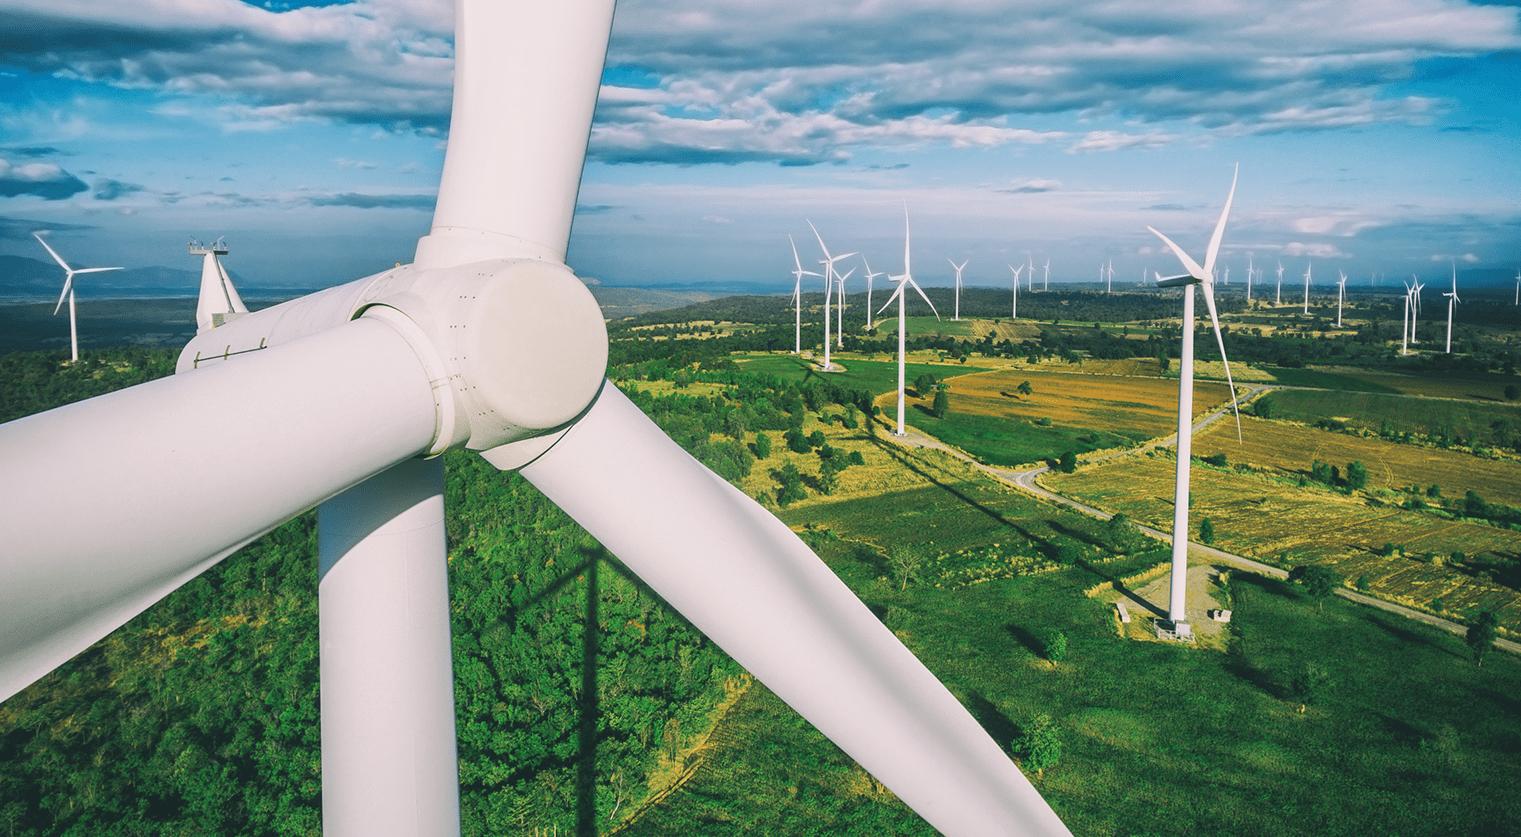 Vijf tinten groener - effectieve duurzaamheidscommunicatie